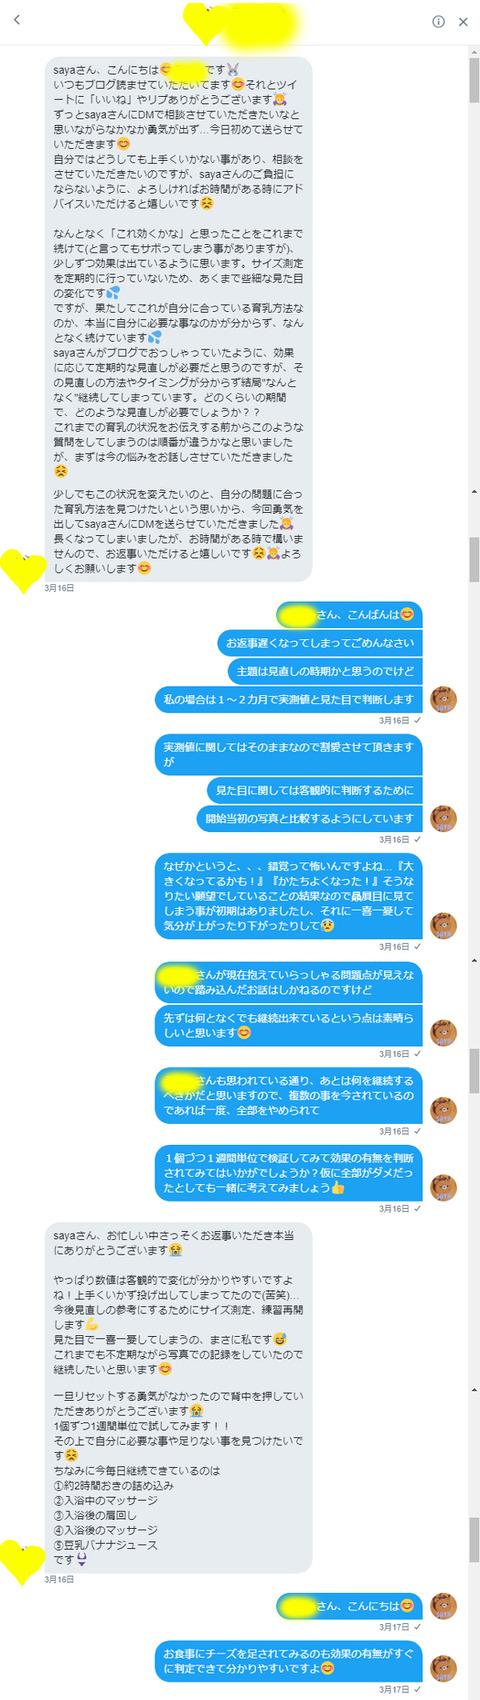 育乳お悩み相談_04_01